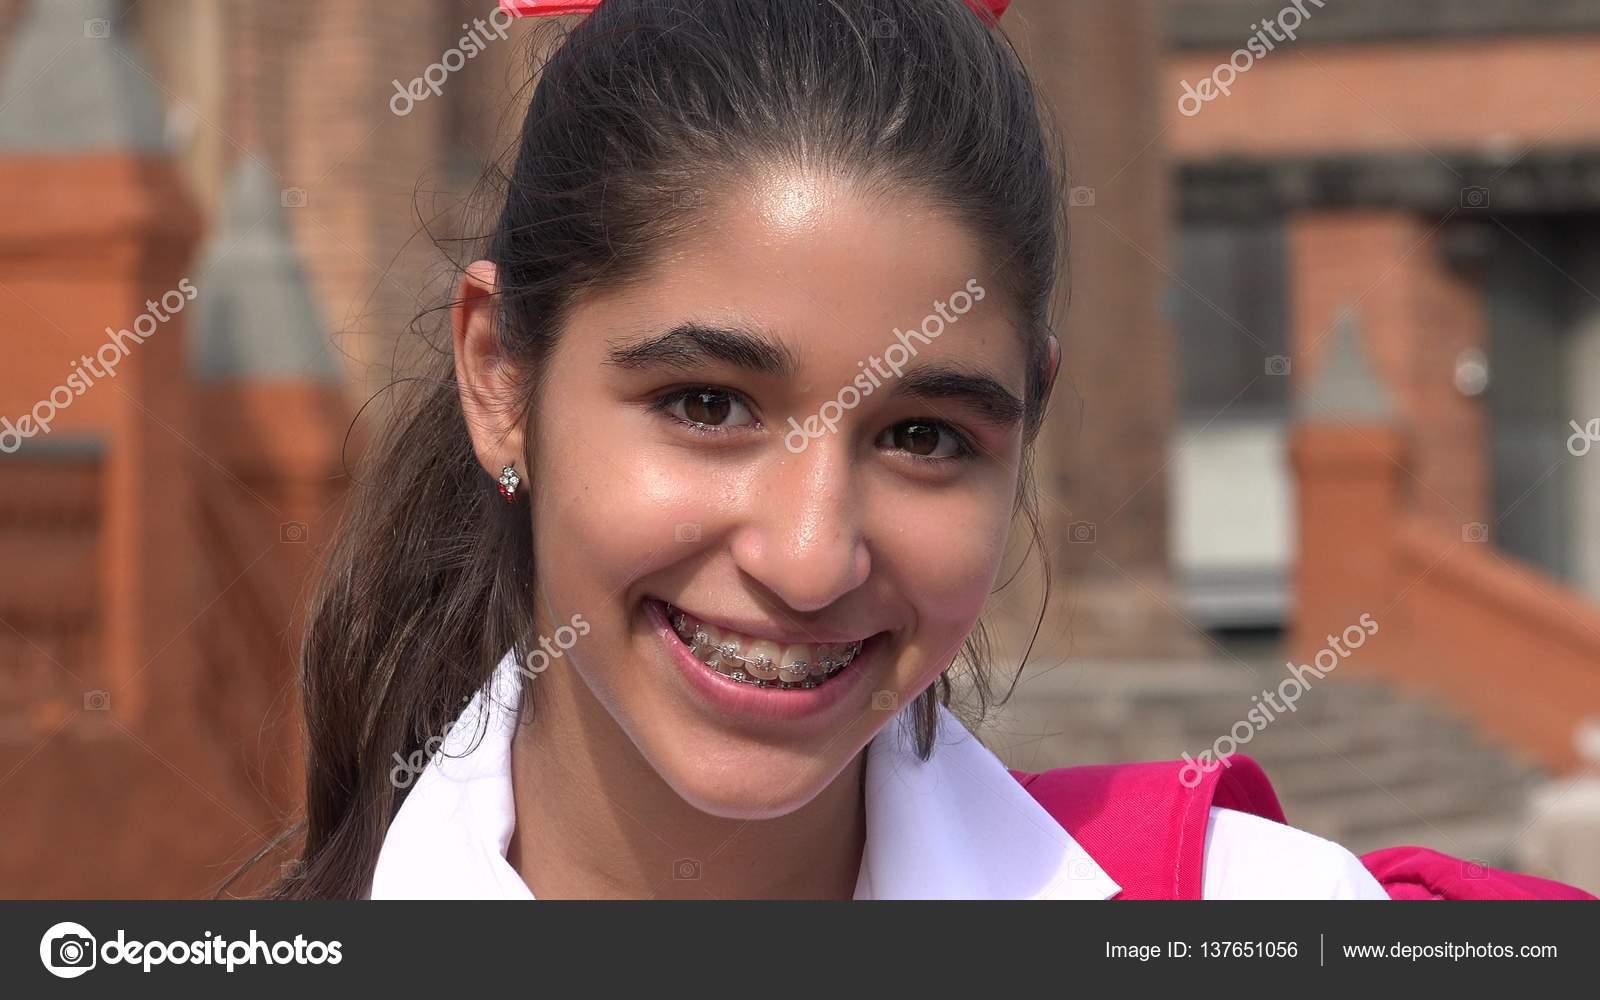 junge teen girls mit zahnspange selfie